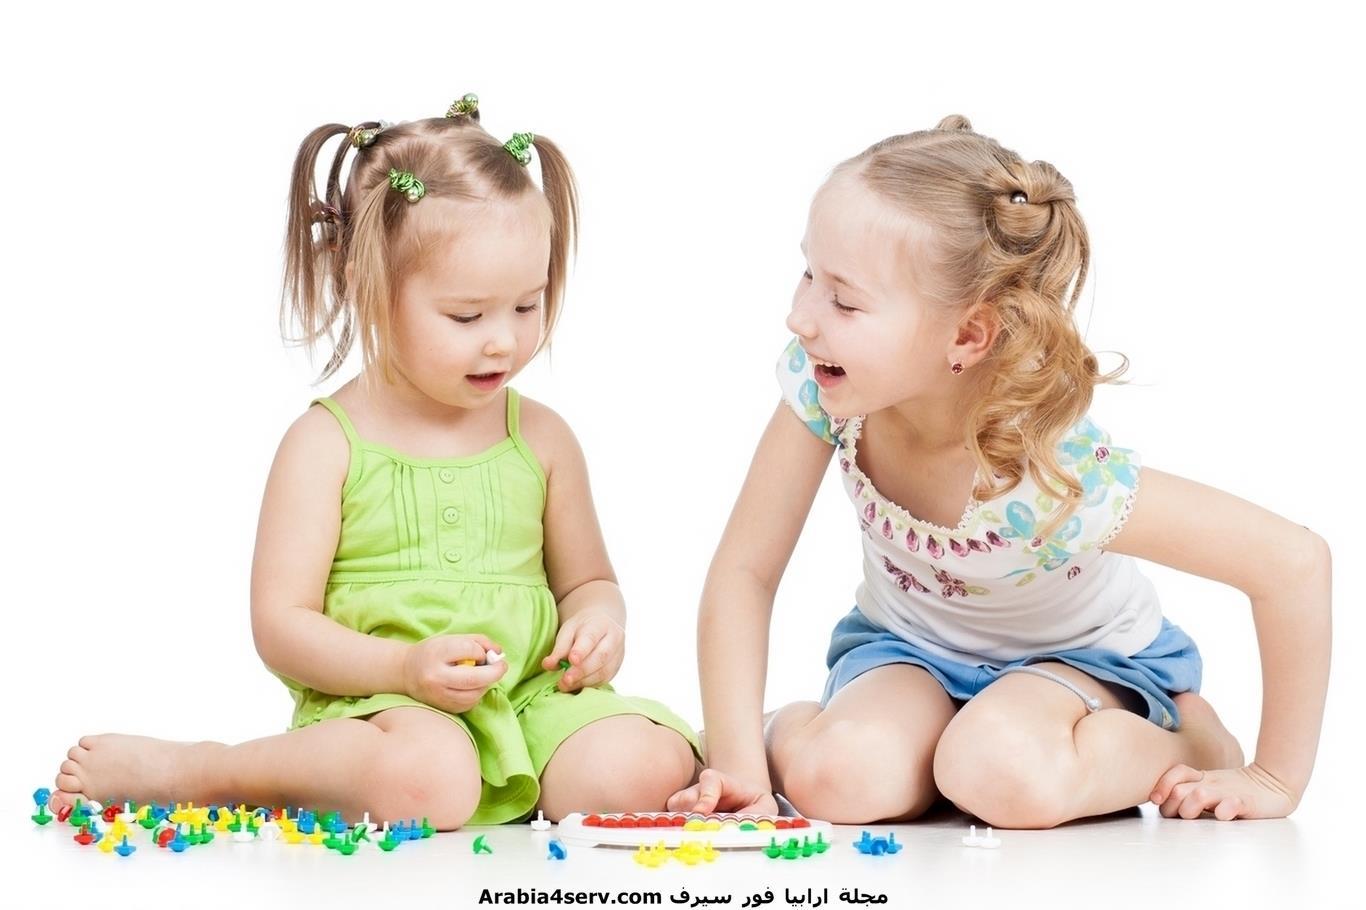 خلفيات-وصور-اطفال-اصدقاء-5